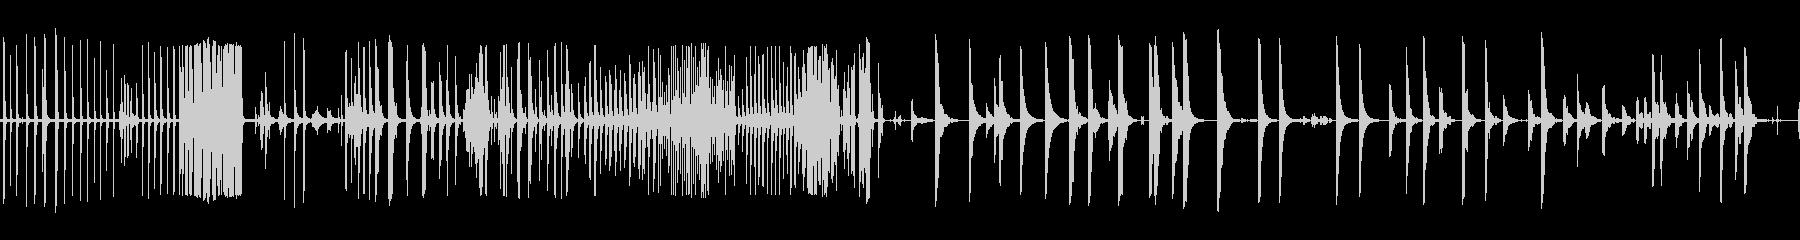 ベルテンプルリング複数Cの未再生の波形